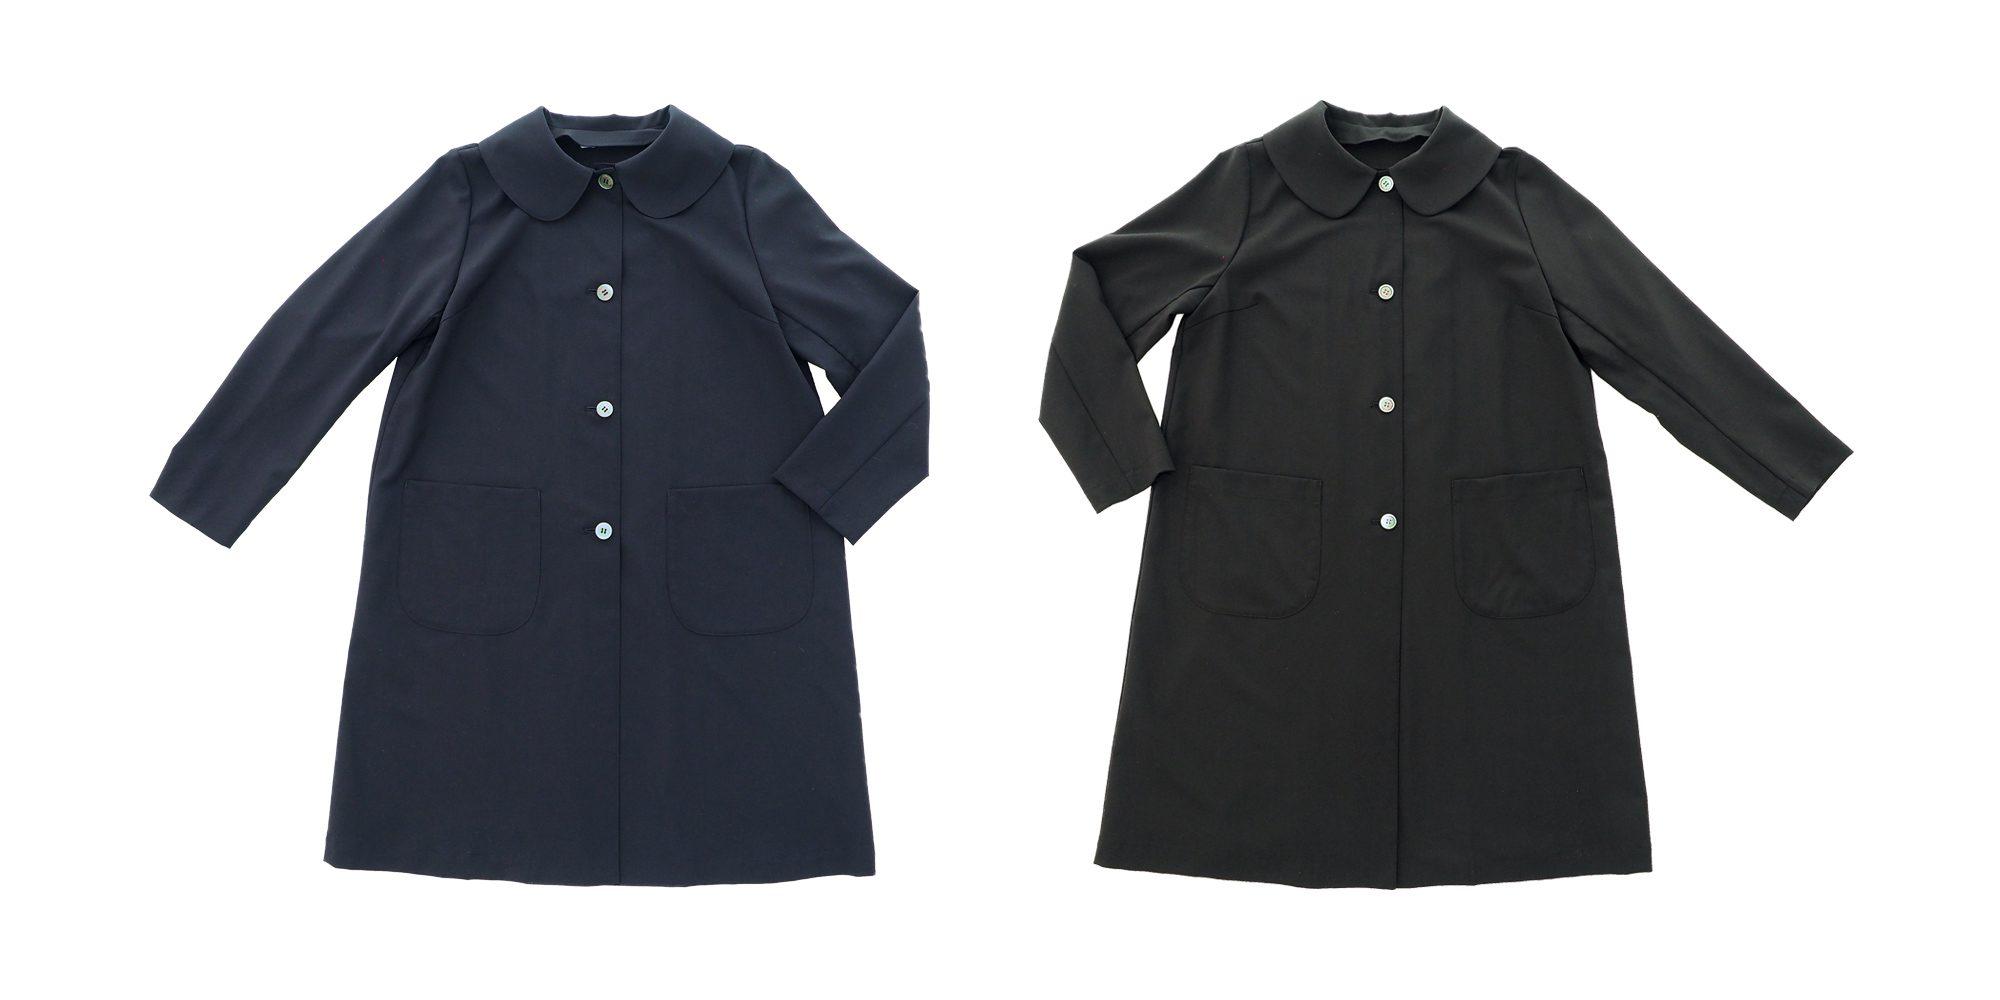 丸襟の短めコート(サマーウール)